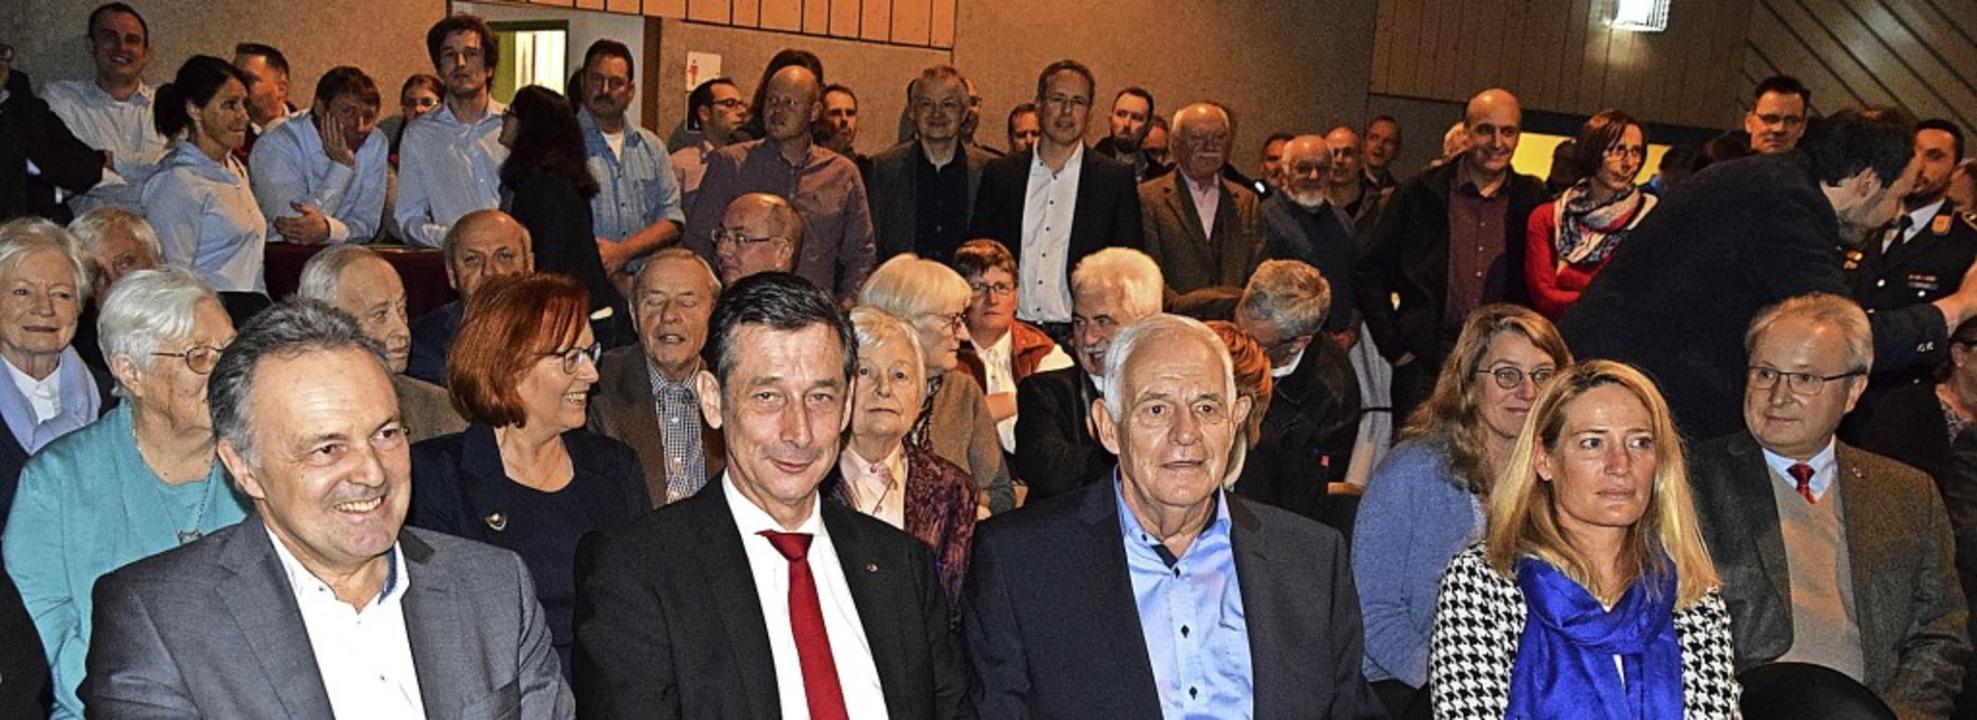 Sehr gut besucht war der Todtnauer Neu... und Peter Palme (Zell im Wiesental).   | Foto: Ulrike Jäger